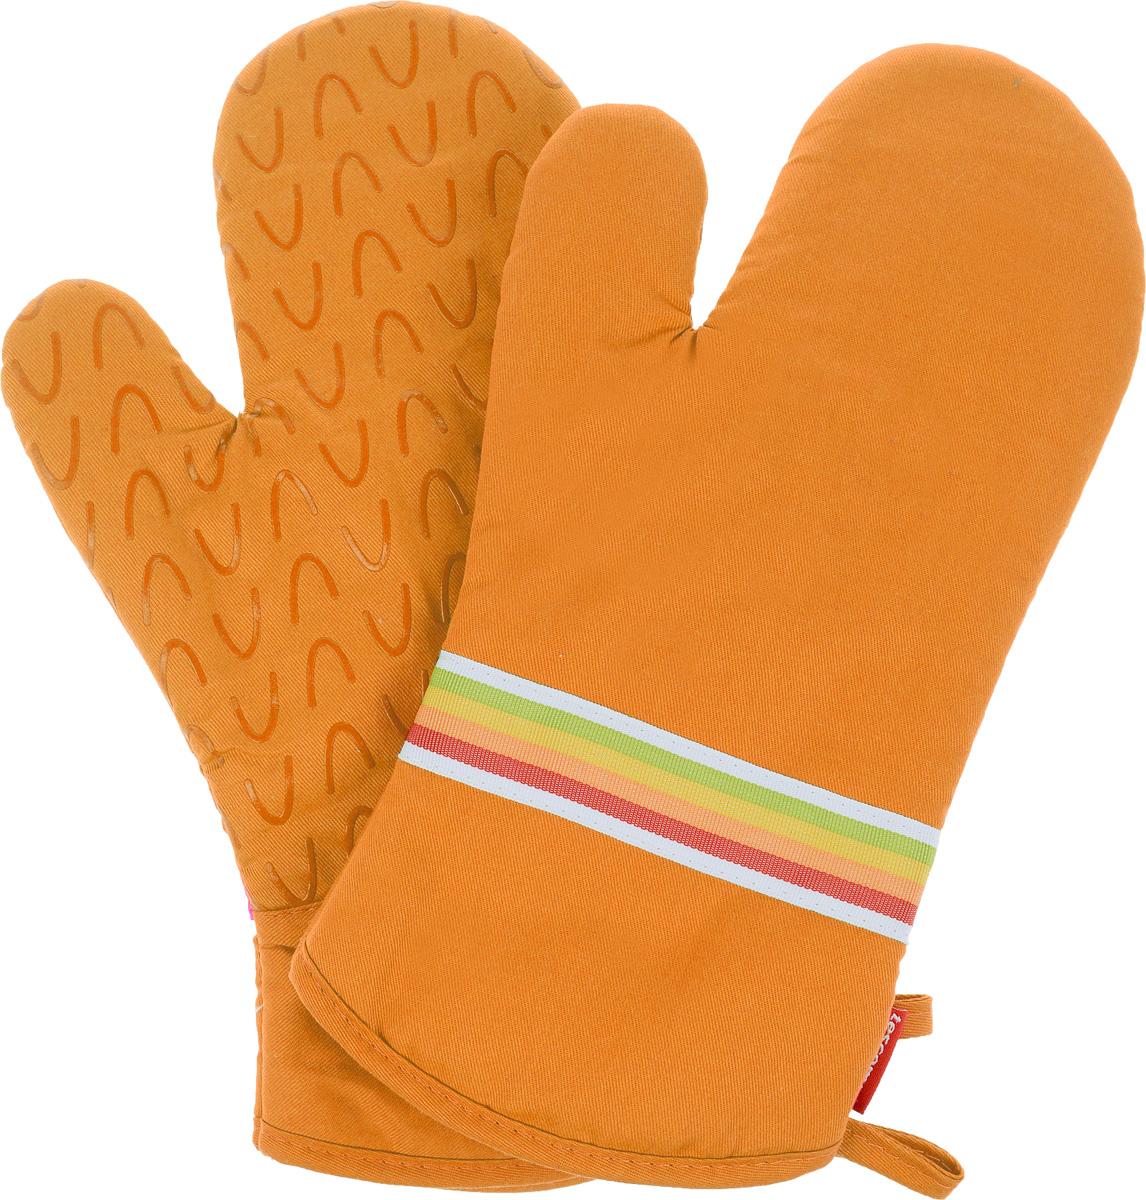 Рукавица-прихватка Tescoma Presto Tone, цвет: оранжевый, 33 х 18 см, 2 шт639751_оранжевыйРукавица-прихватка Tescoma Presto Tone, изготовленная из 100% хлопка и термостойкого силикона, имеет яркий дизайн. Для простоты и удобства хранения, изделие оснащено петелькой для подвешивания и магнитом. Такая прихватка защитит ваши руки от высоких температур и предотвратит появление ожогов. Рекомендуется стирка при температуре 30°С. Размер изделия (ДхШ): 33 х 18 см.Комплектация: 2 шт.